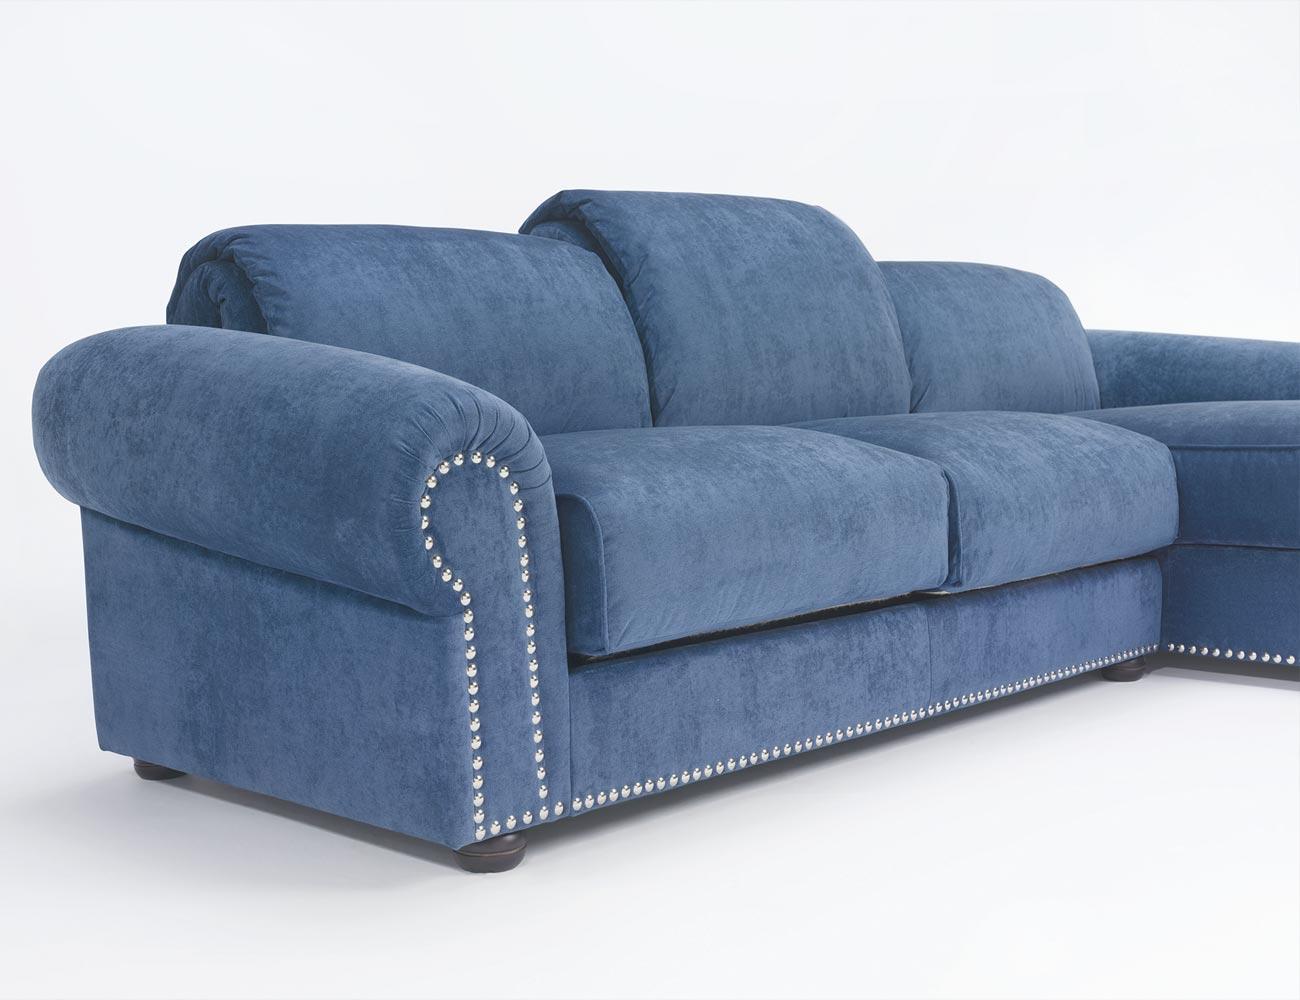 Sofa chaiselongue gran lujo decorativo azul 113